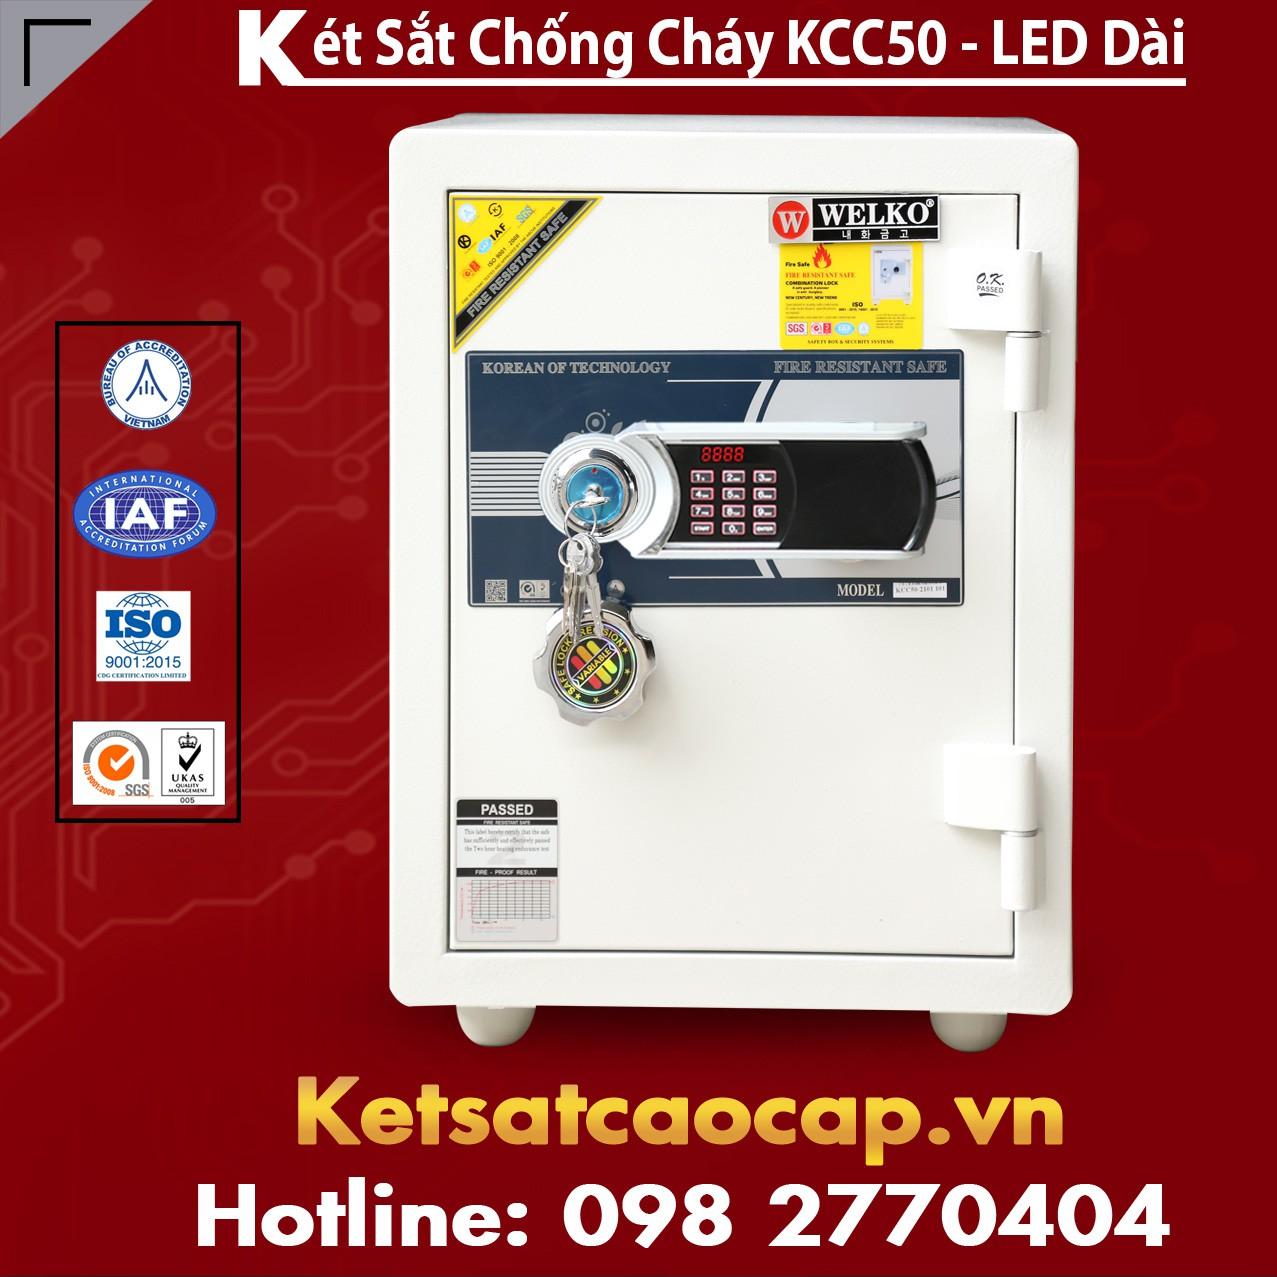 Két Sắt Chống Cháy WELKO KCC50- Led Dài